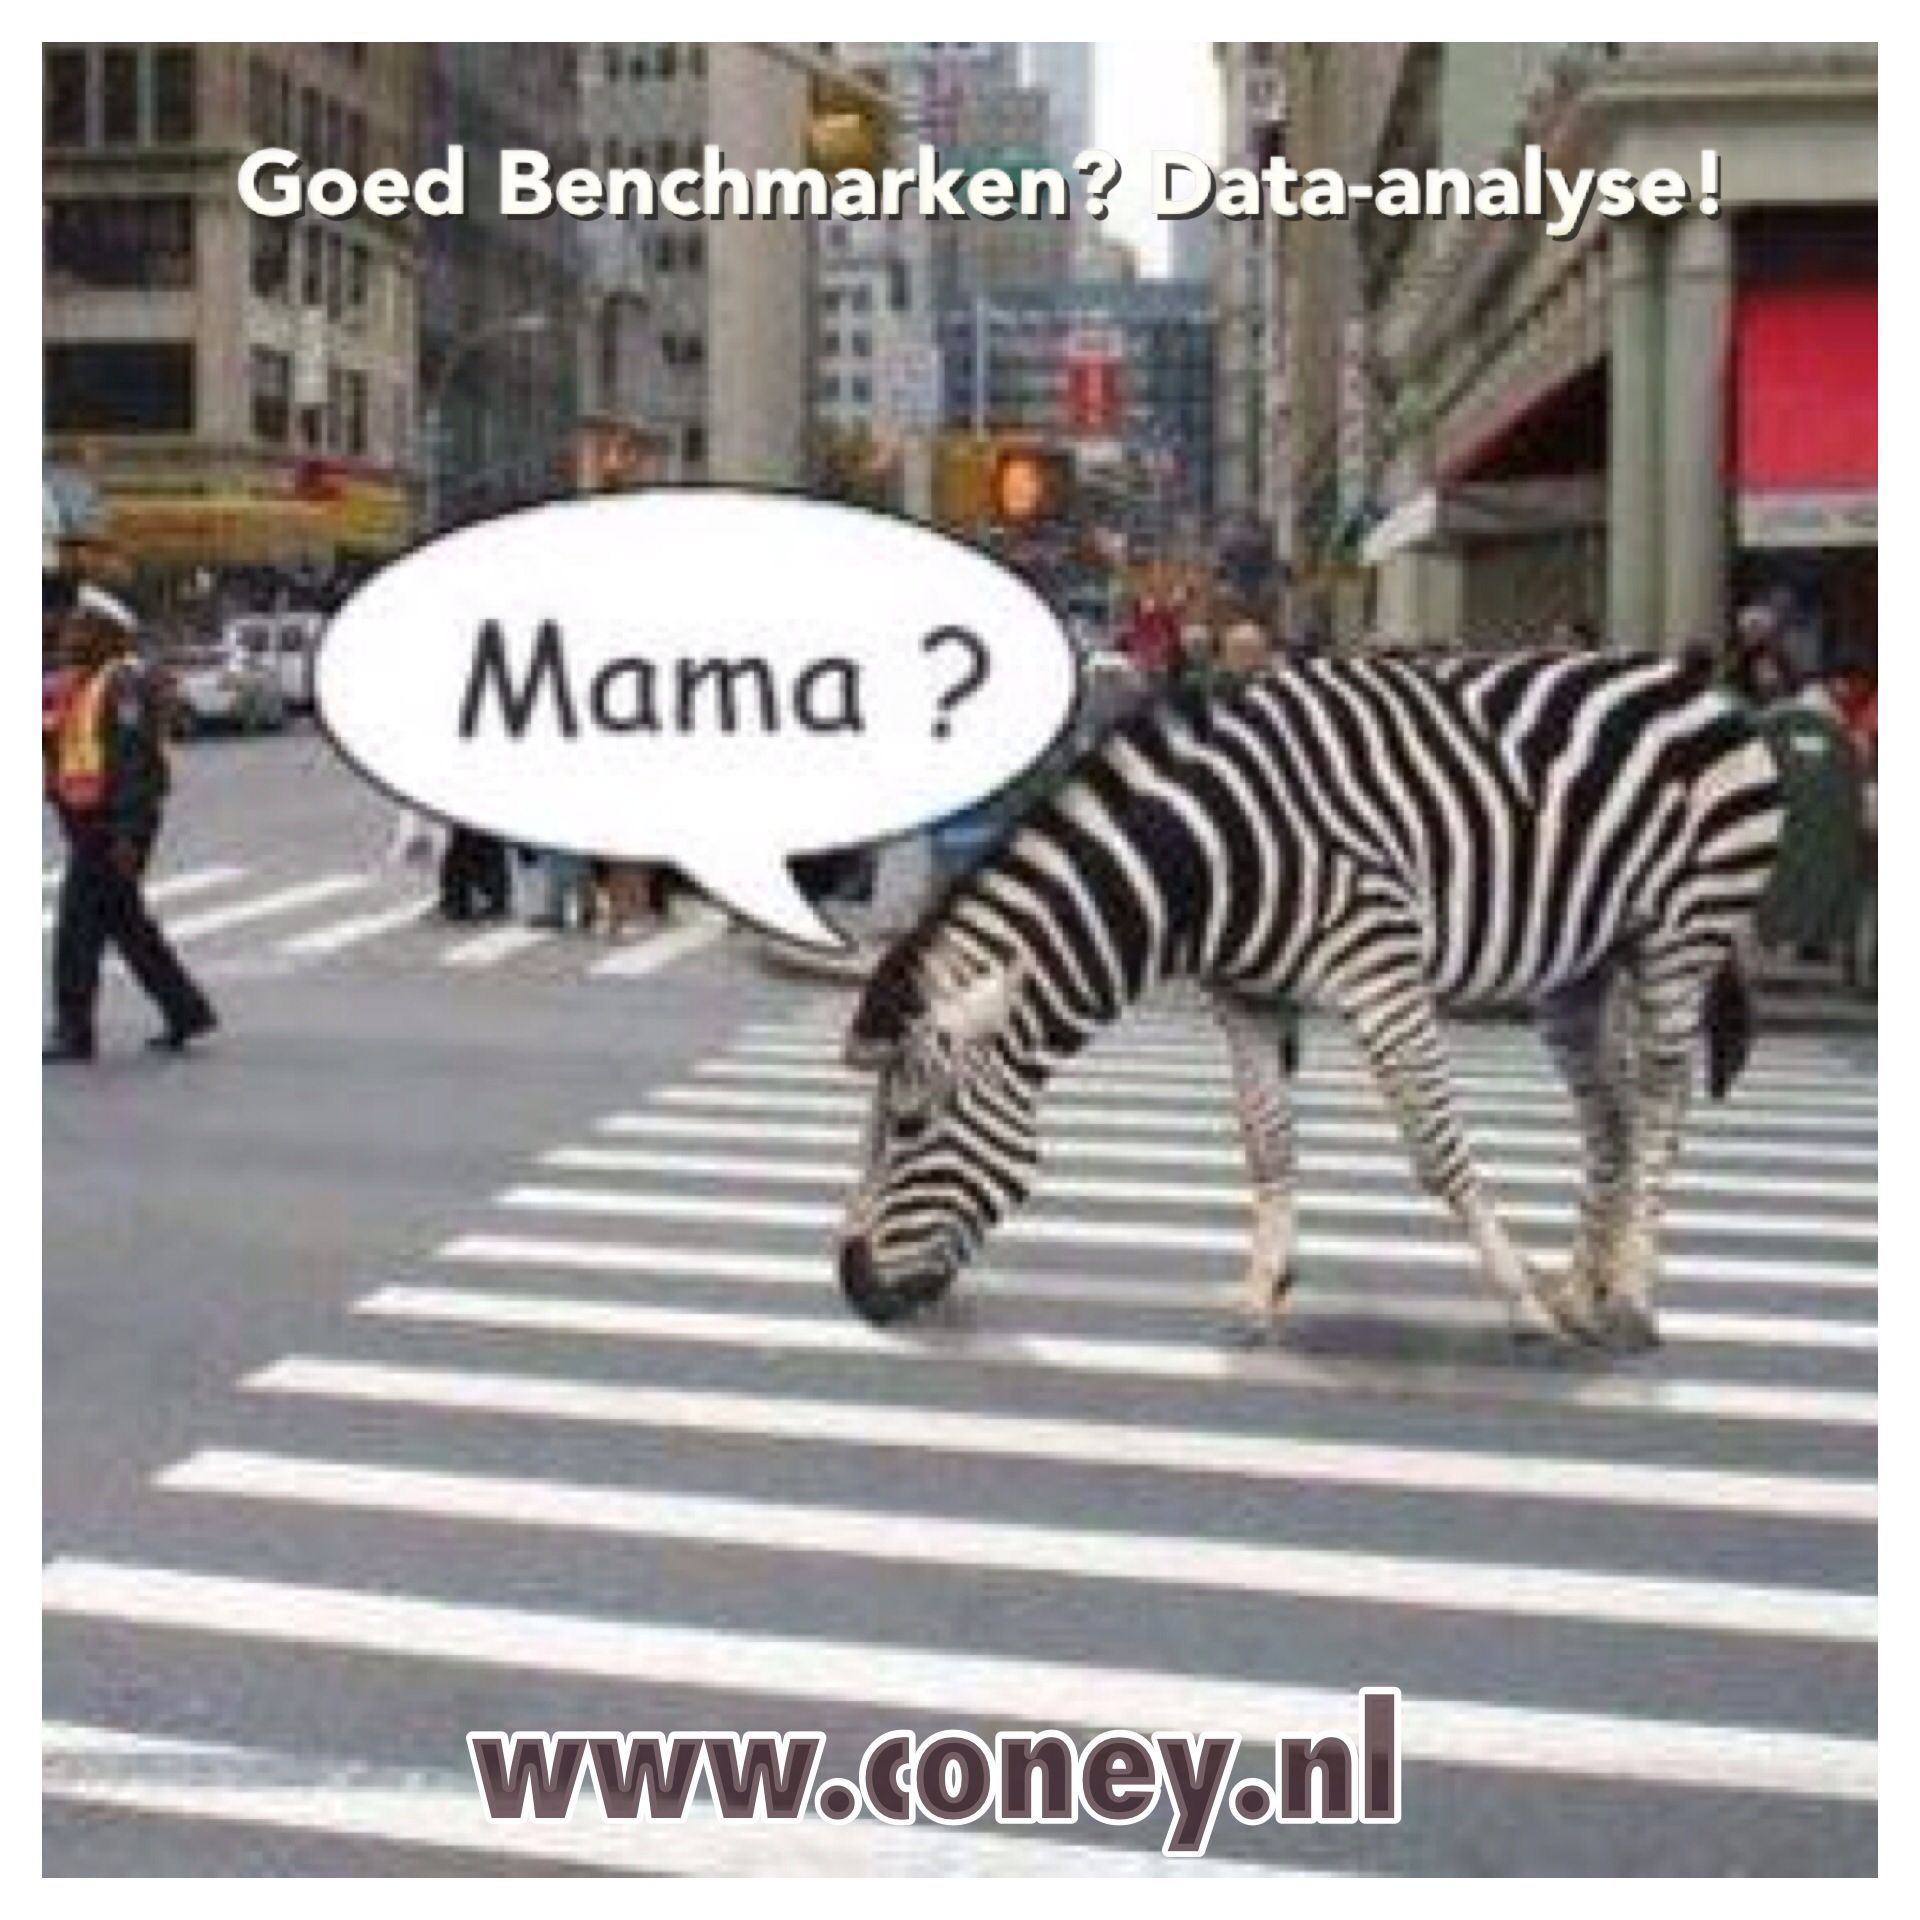 Benchmark, benchmarken, vergelijken, data-analyse, Coney